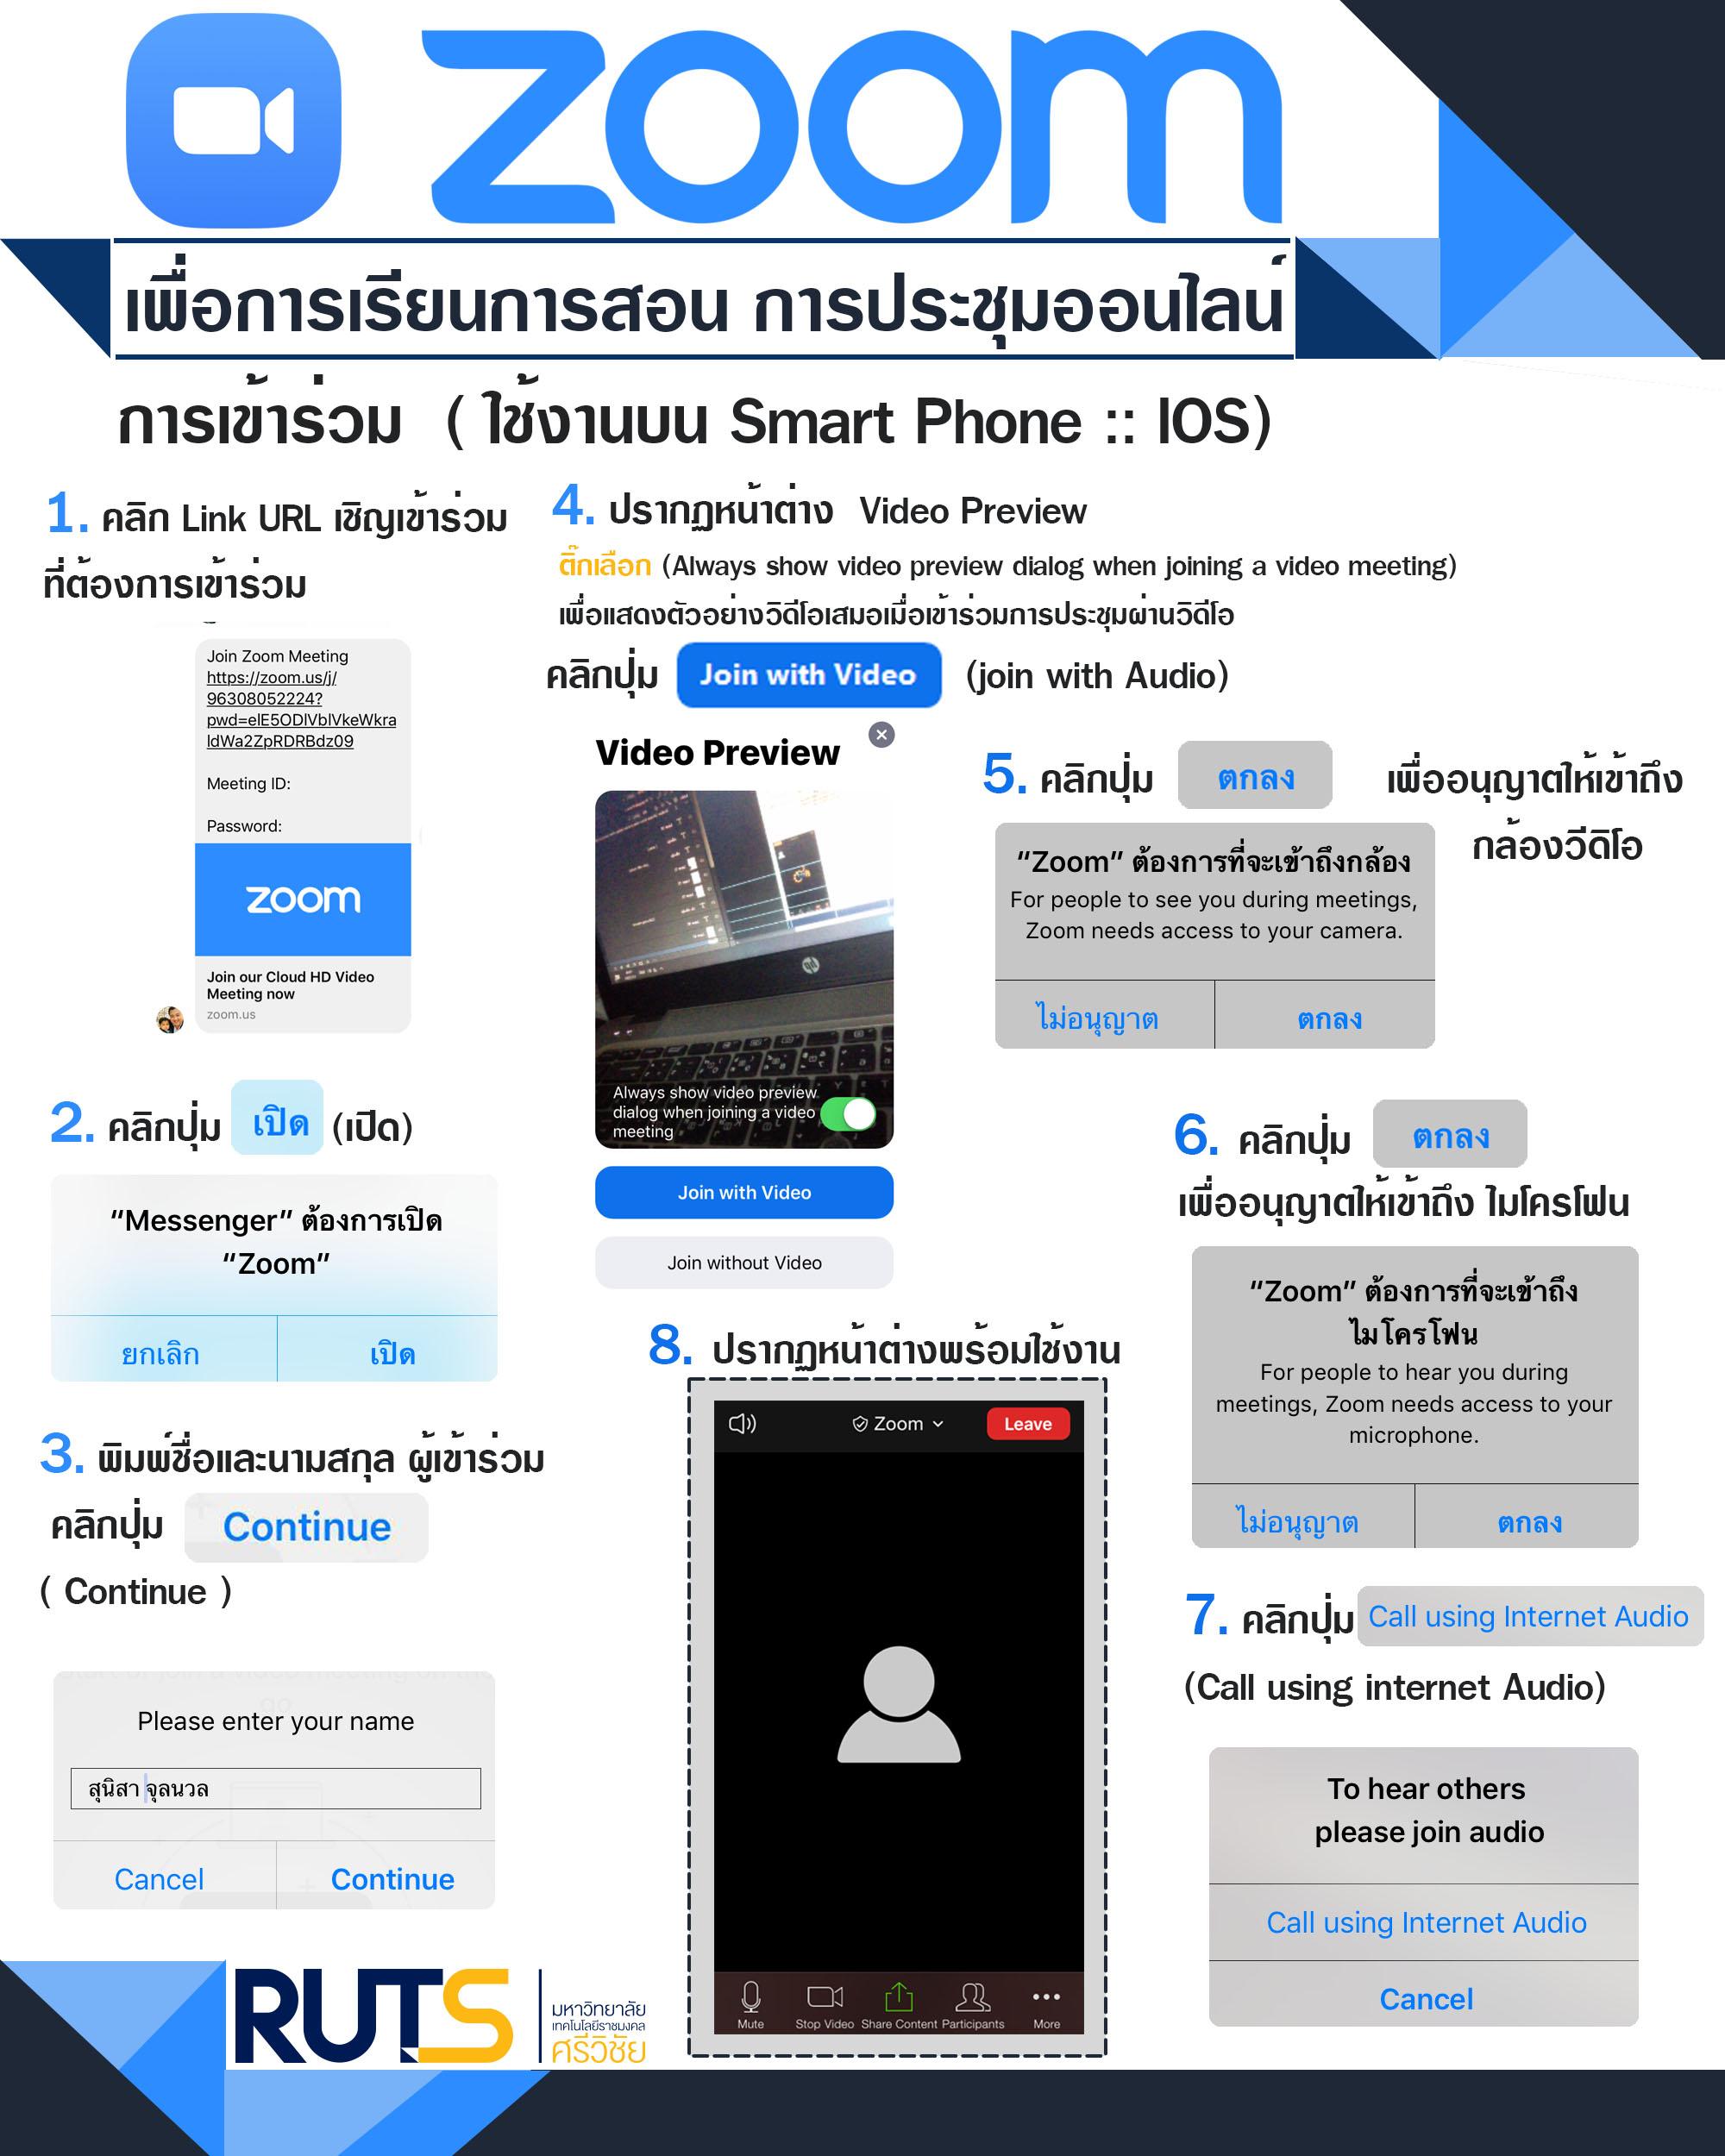 การเข้าใช้งาน บน Smart Phone IOS